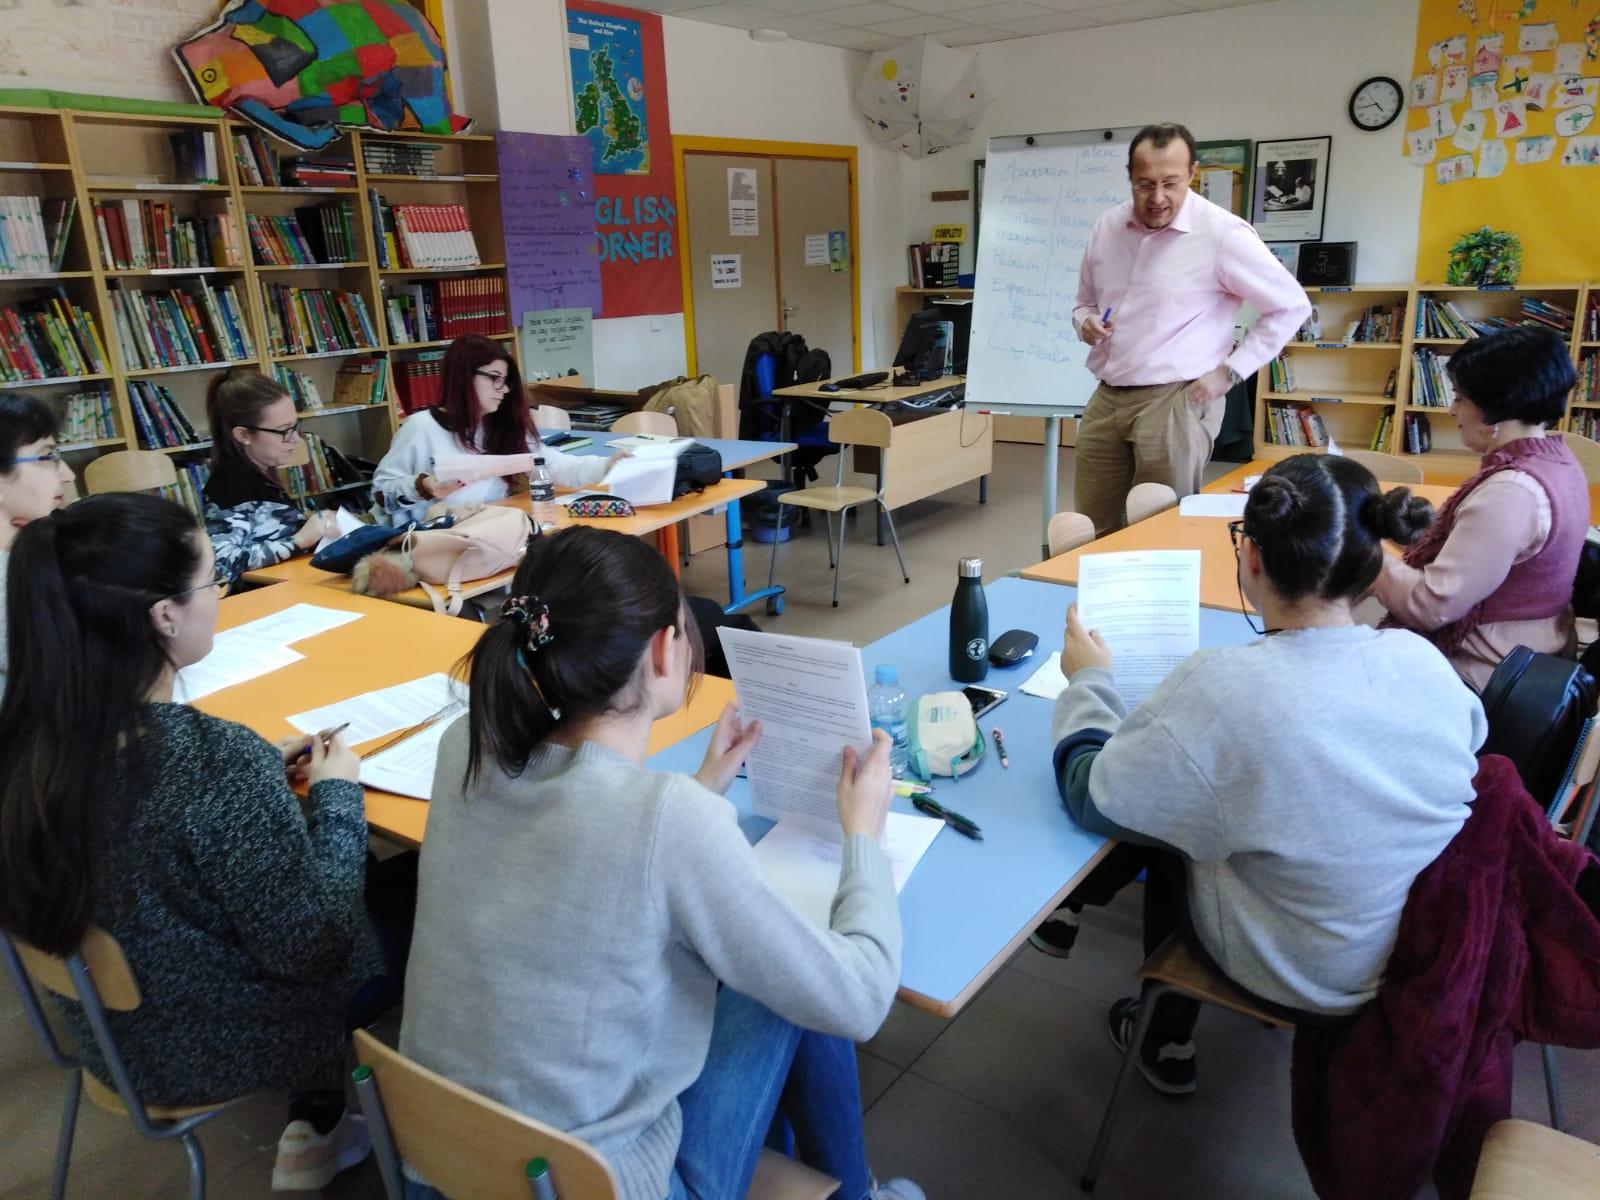 El lunes comenzó el Programa de capacitación para educadores en Velilla